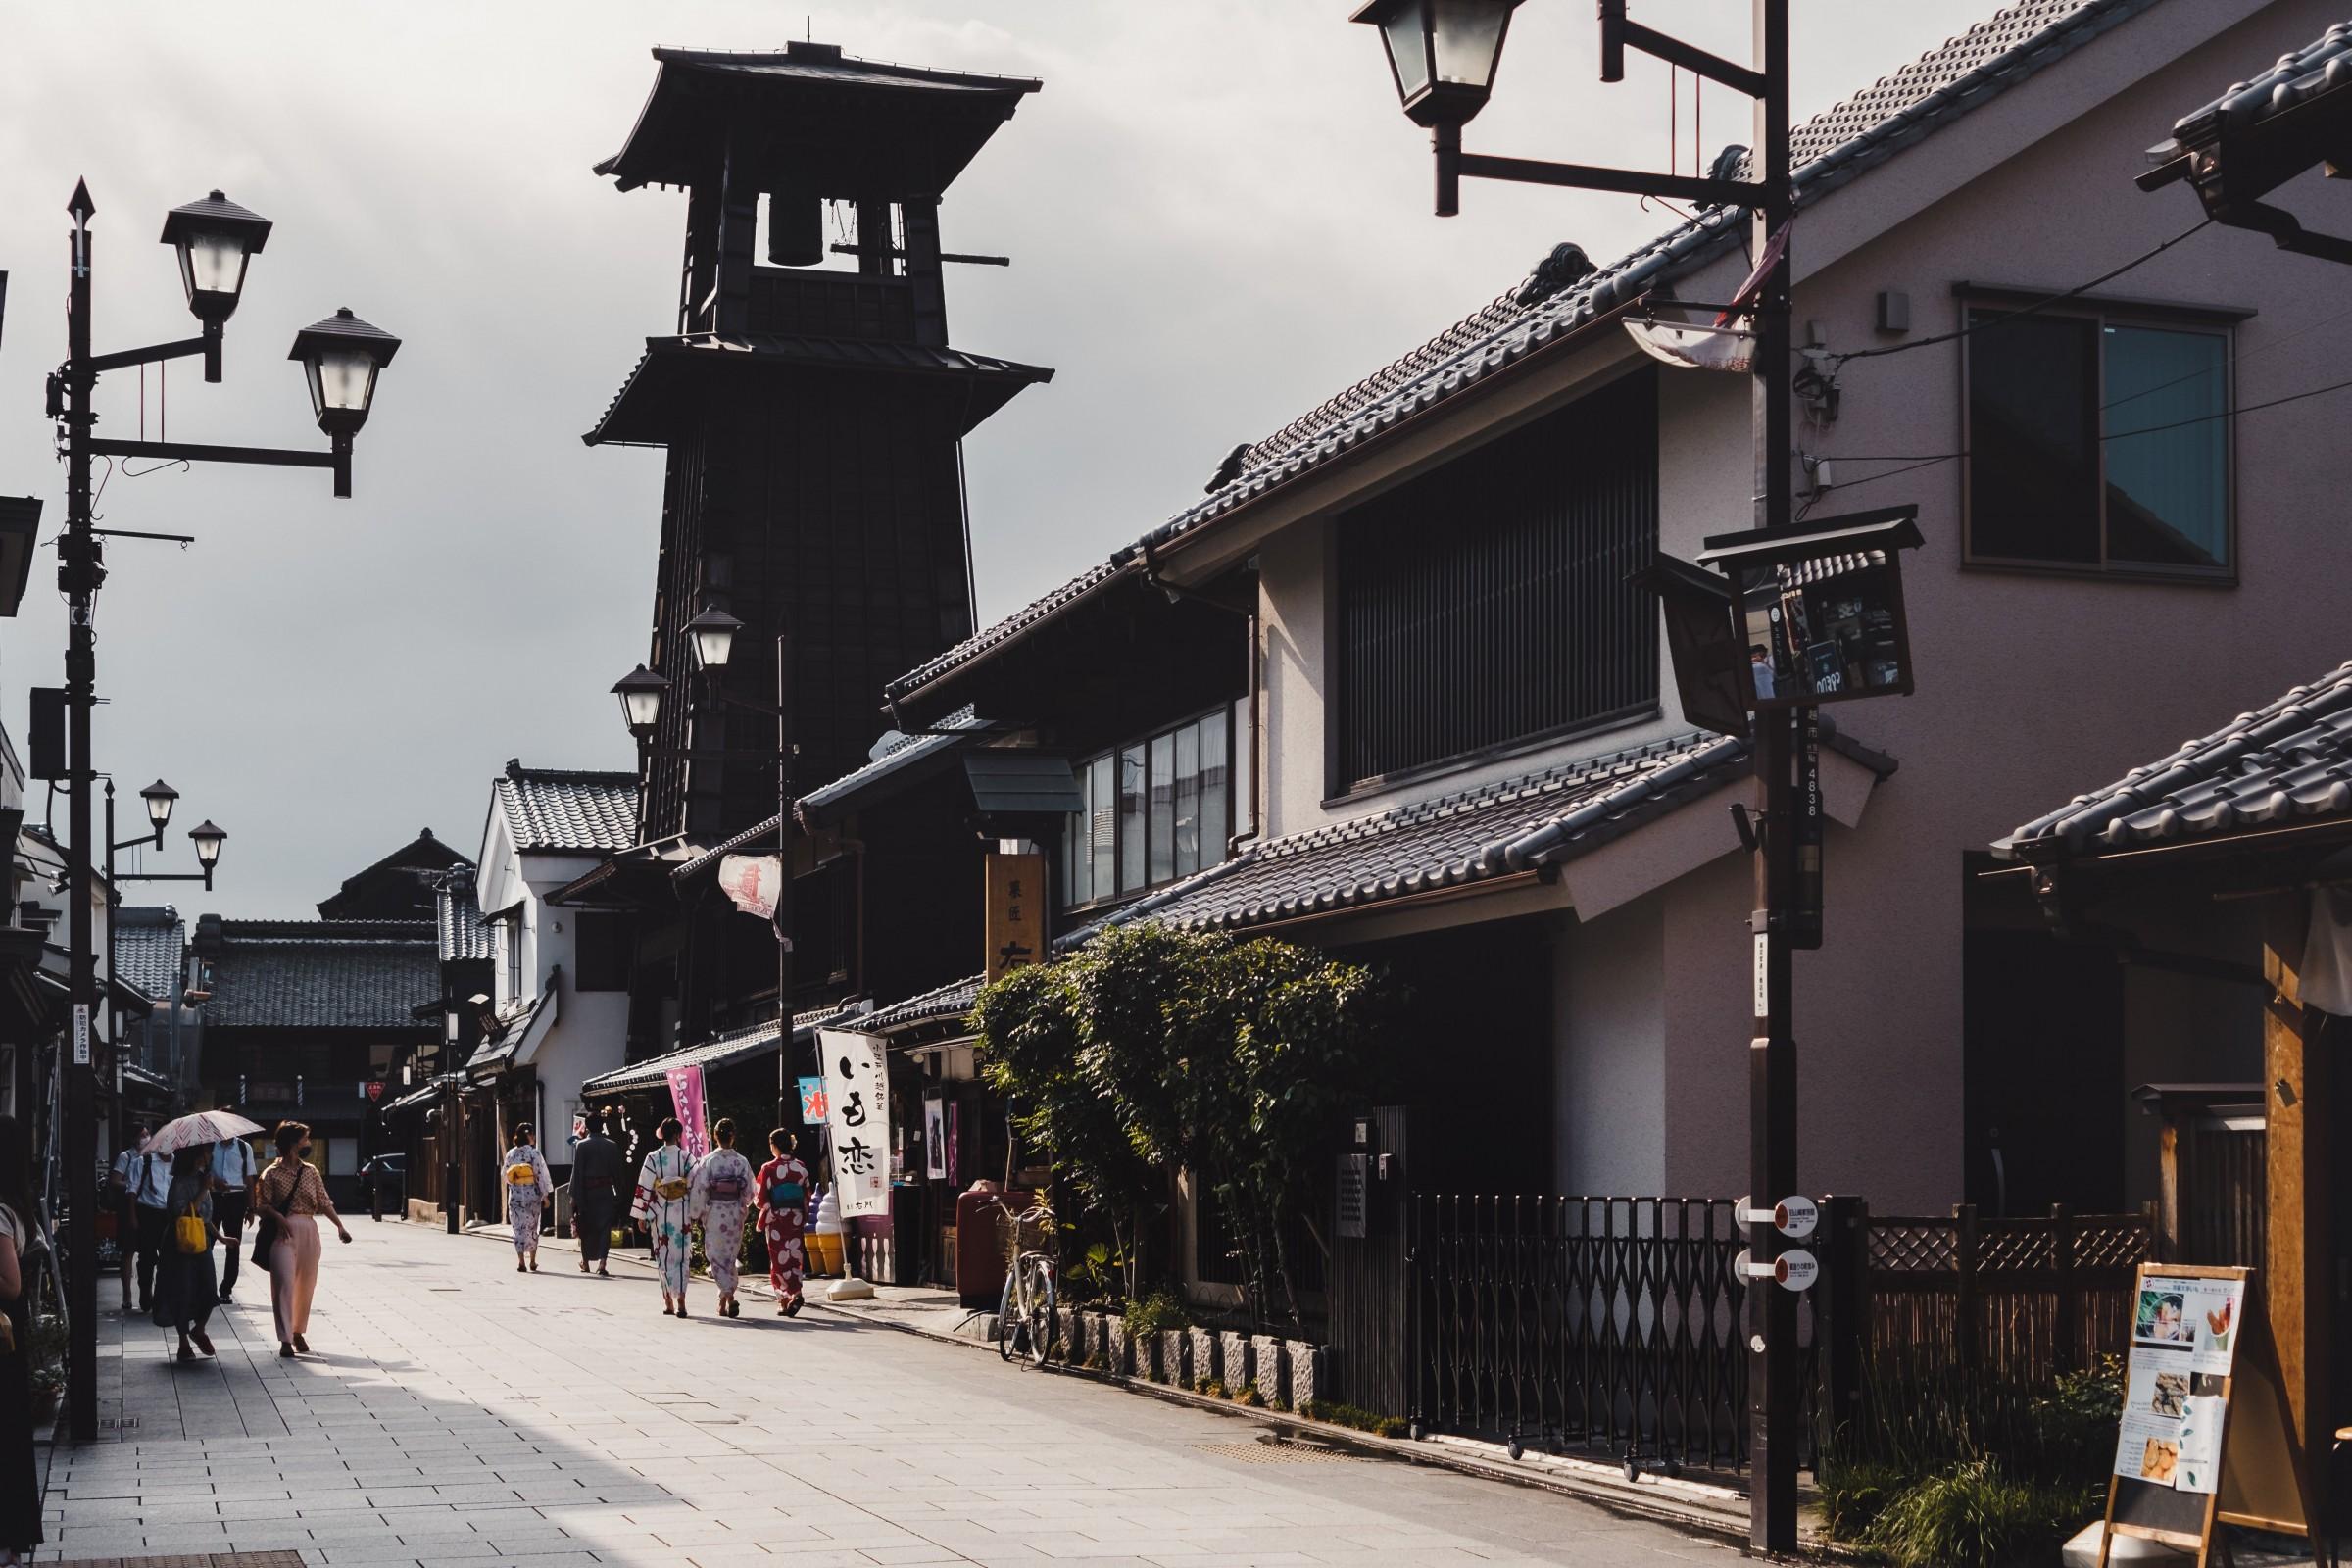 Toki no Kae bell tower in Kawagoe